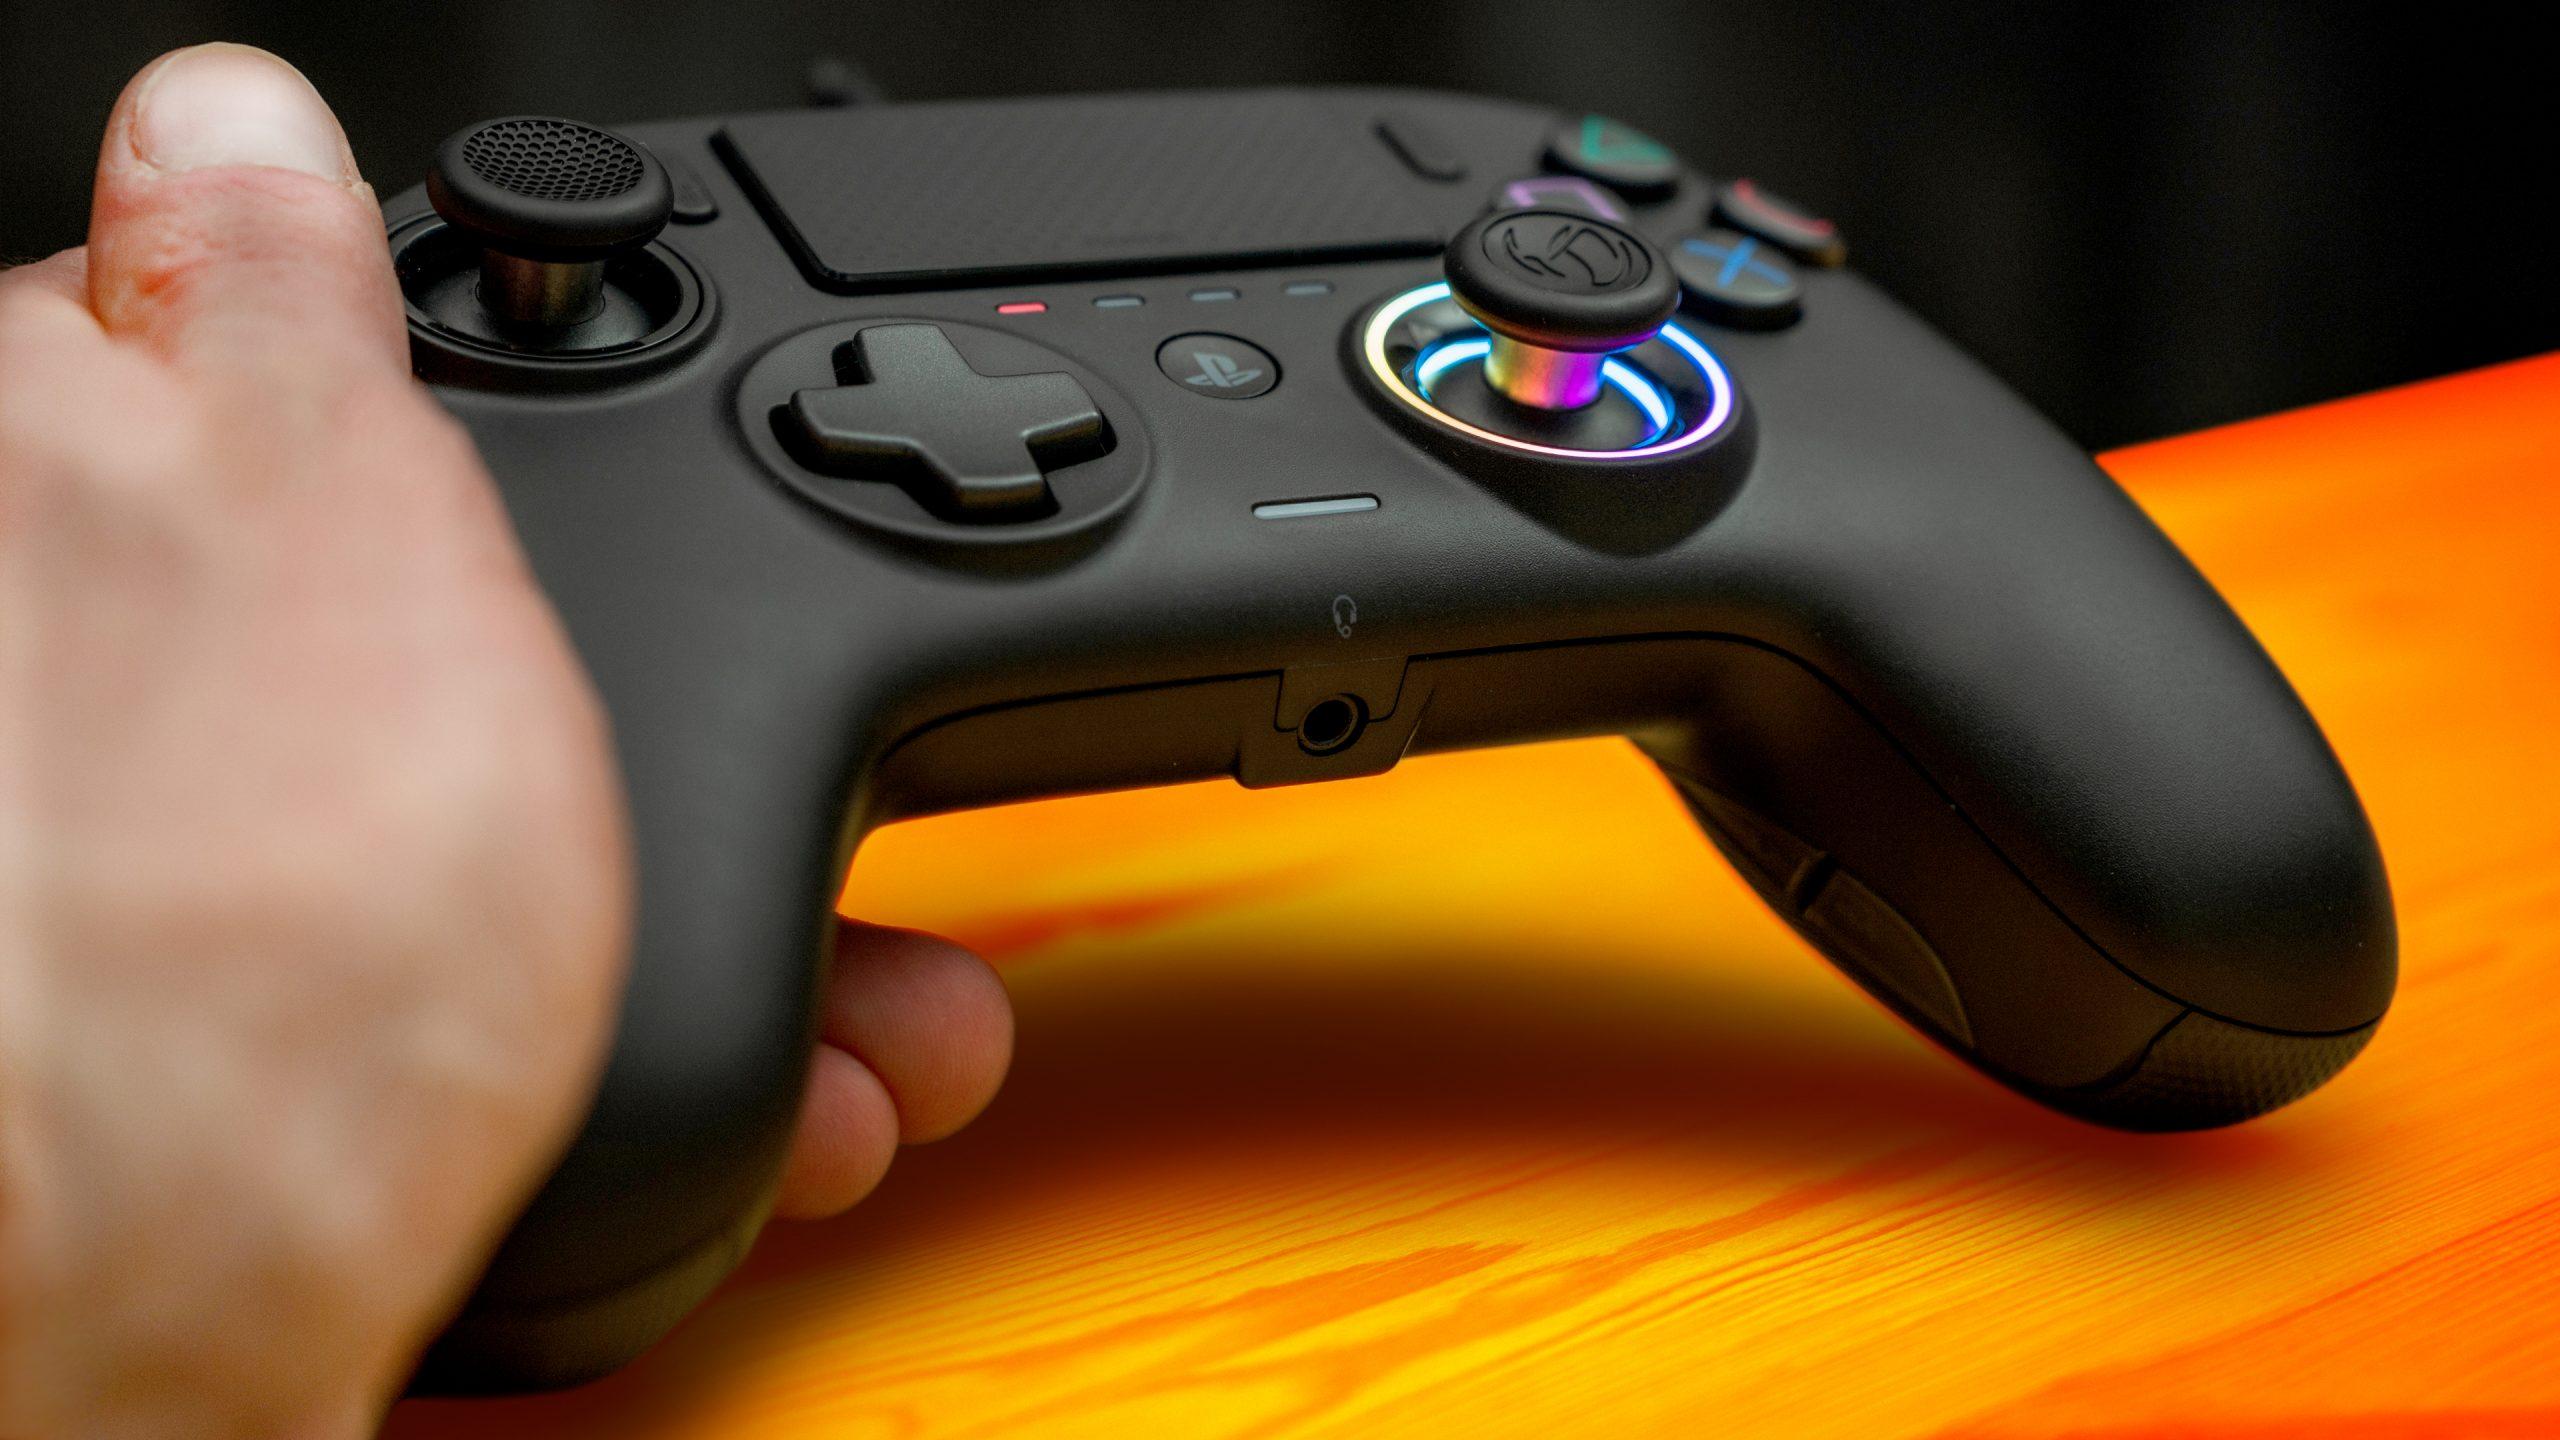 Foto van de Revolution Pro 3-controller van Nacon, welke met de linkerhand vastgehouden wordt. Onderop is de 3.5mm headset-poort te zien.